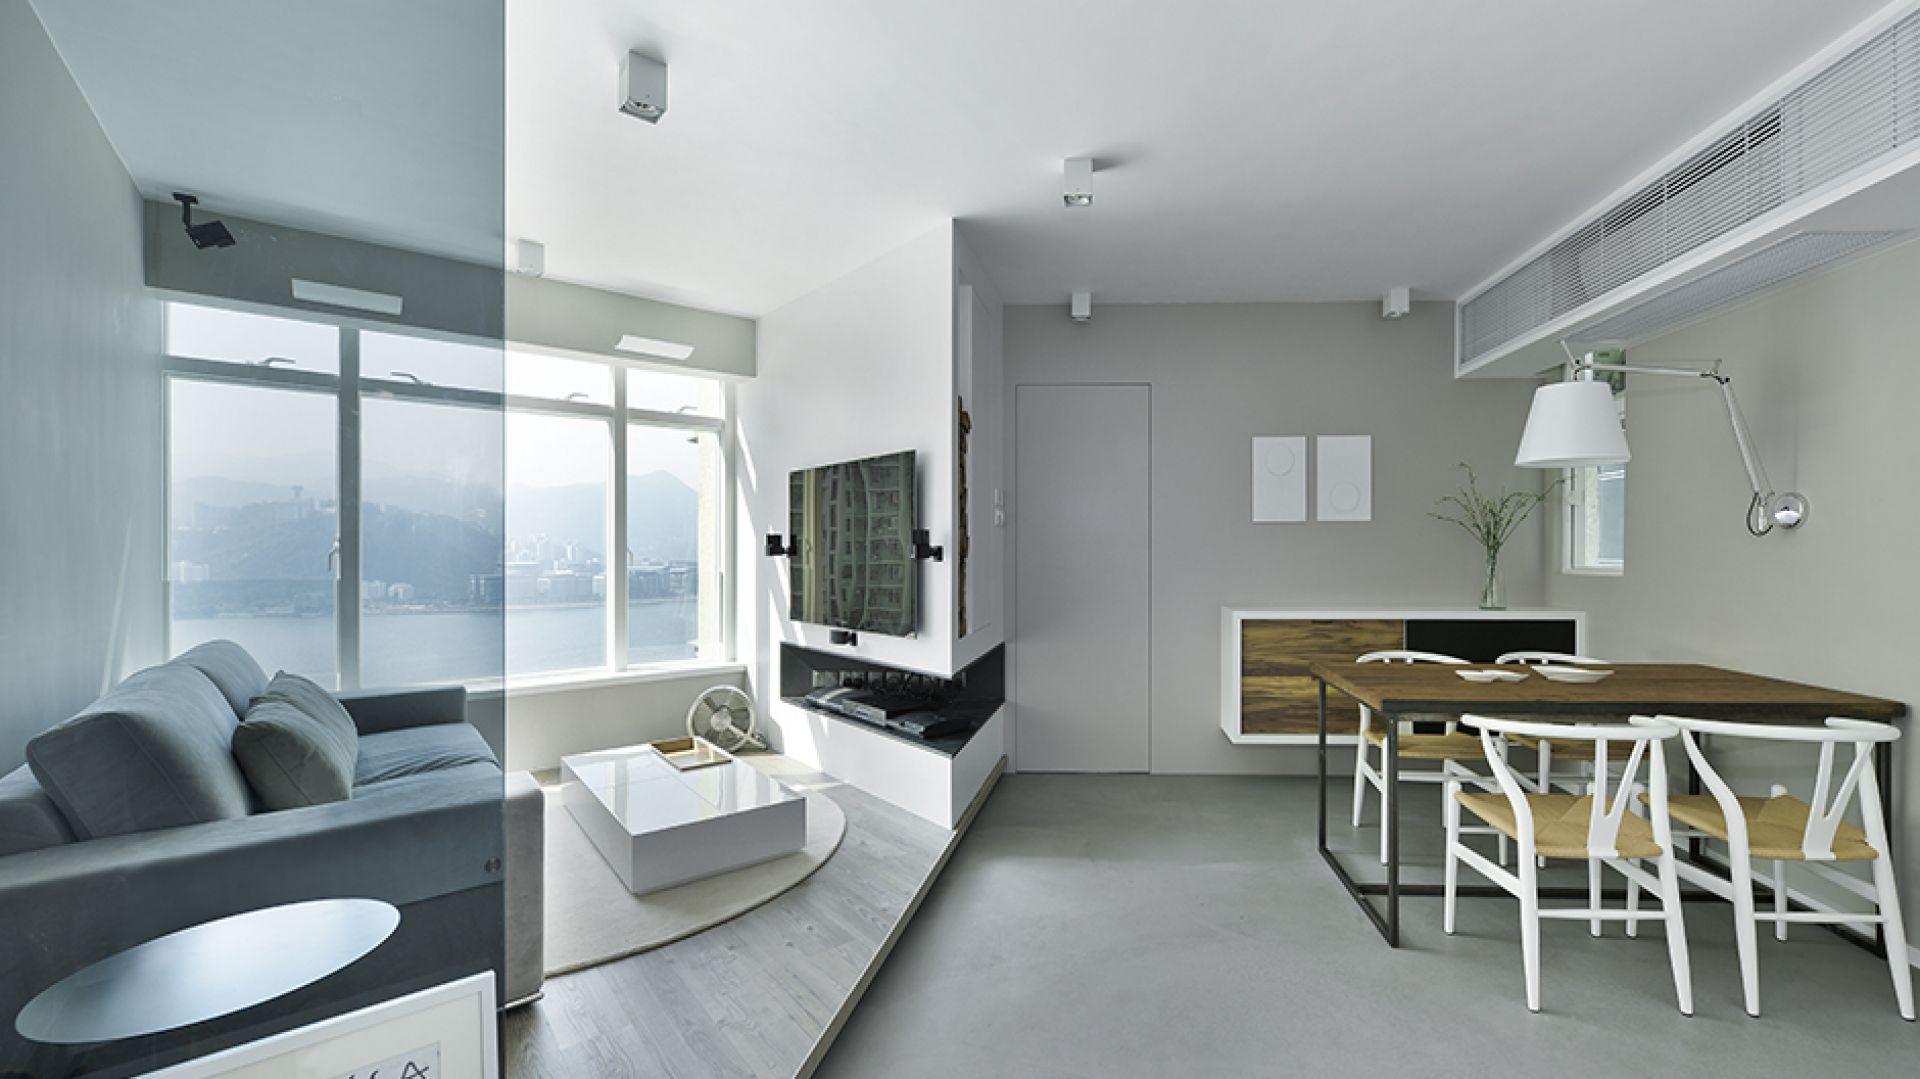 Salon i jadalnia zostały zlokalizowane w obrębie jednego pomieszczenia. Przestrzeń wypoczynkową wyznacza podniesiona podłoga oraz lekkie przeszklenie. Projekt: Millimeter Interior Design. Fot. Millimeter Interior Design.